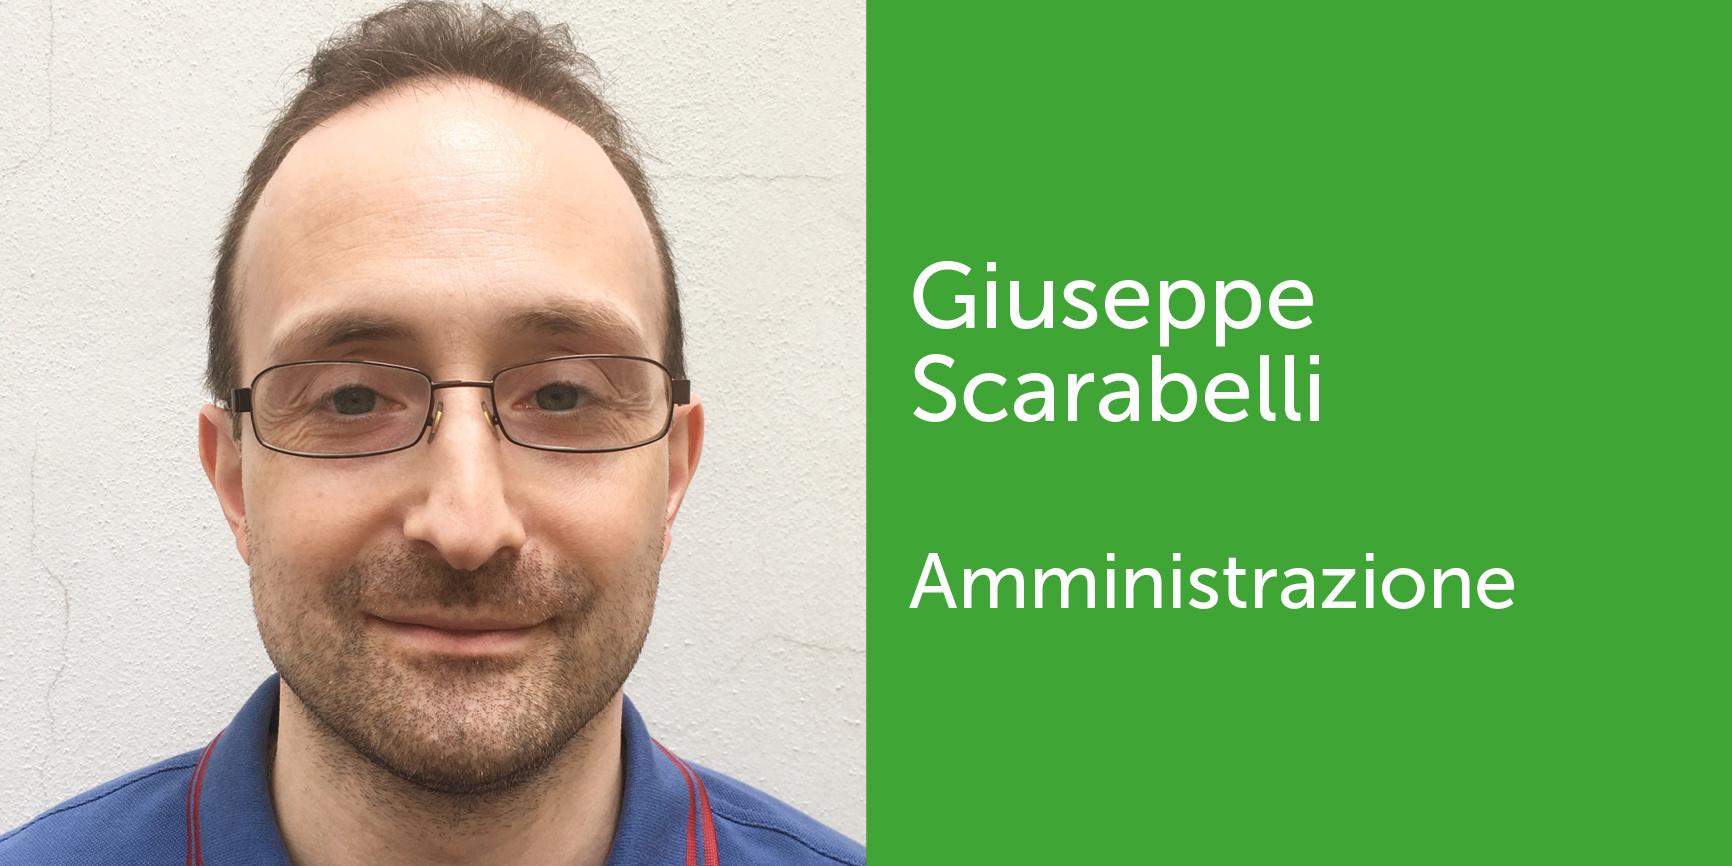 Giuseppe Scarabelli - Amministrazione